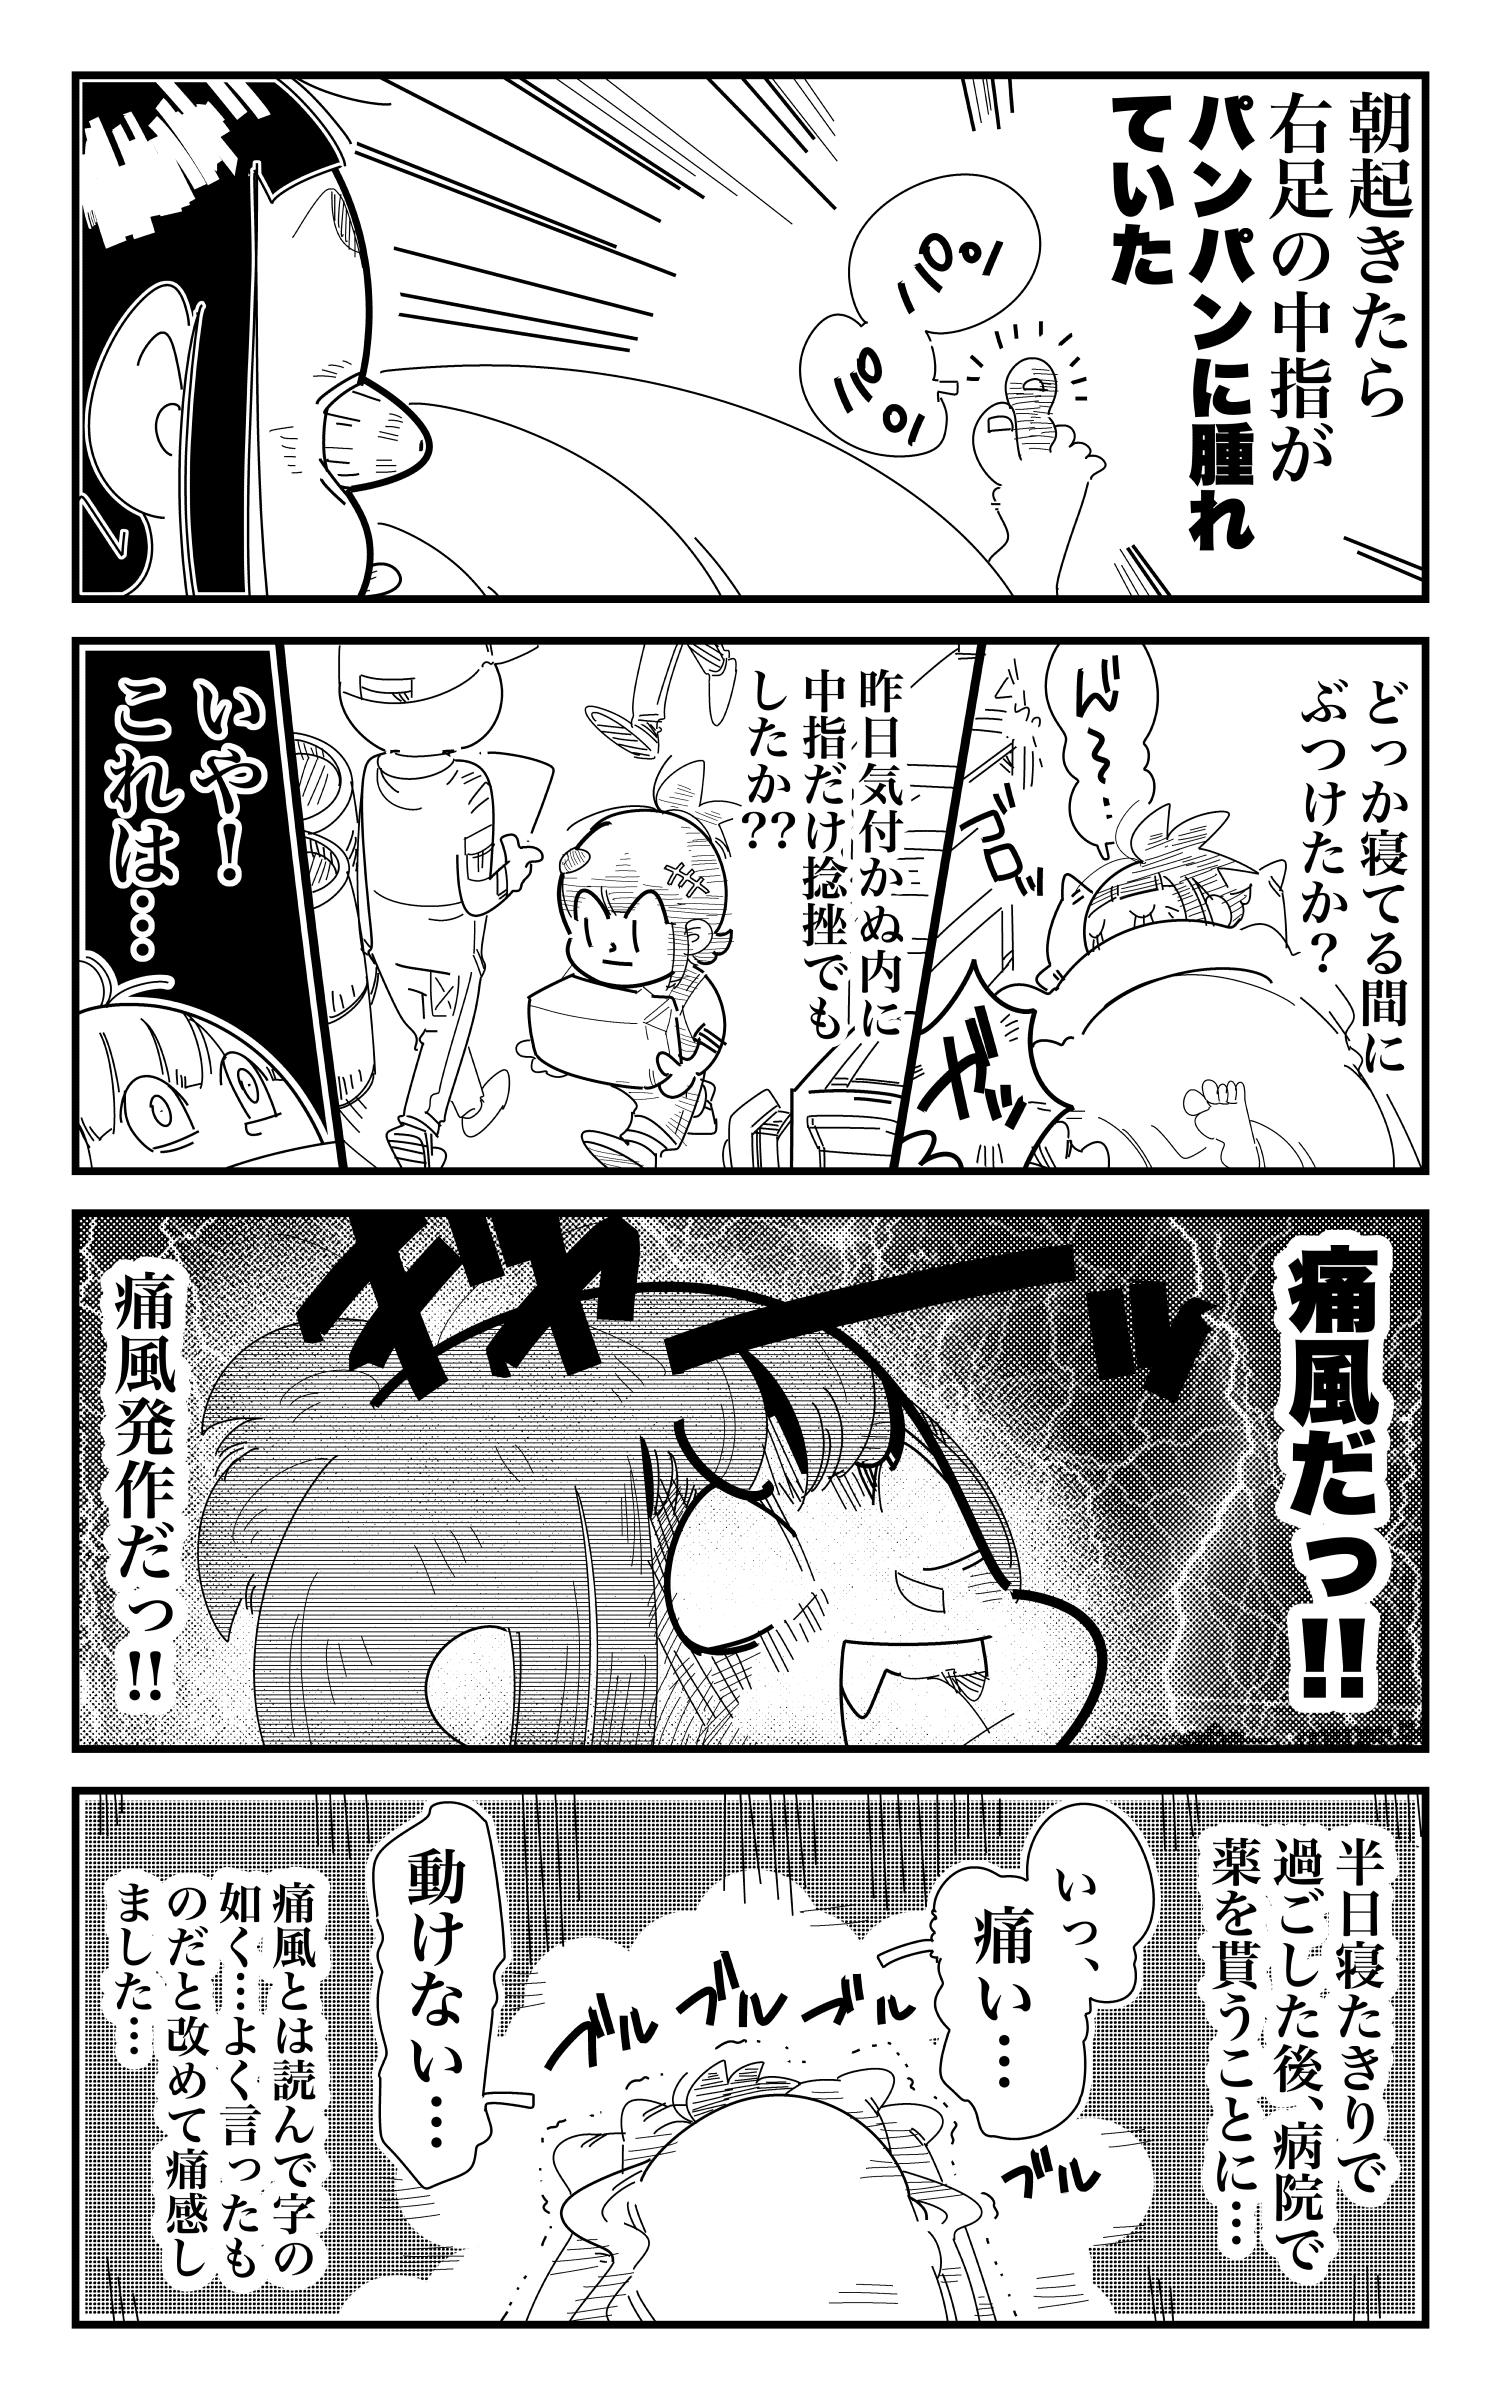 f:id:terashimaru117:20200131162718j:plain